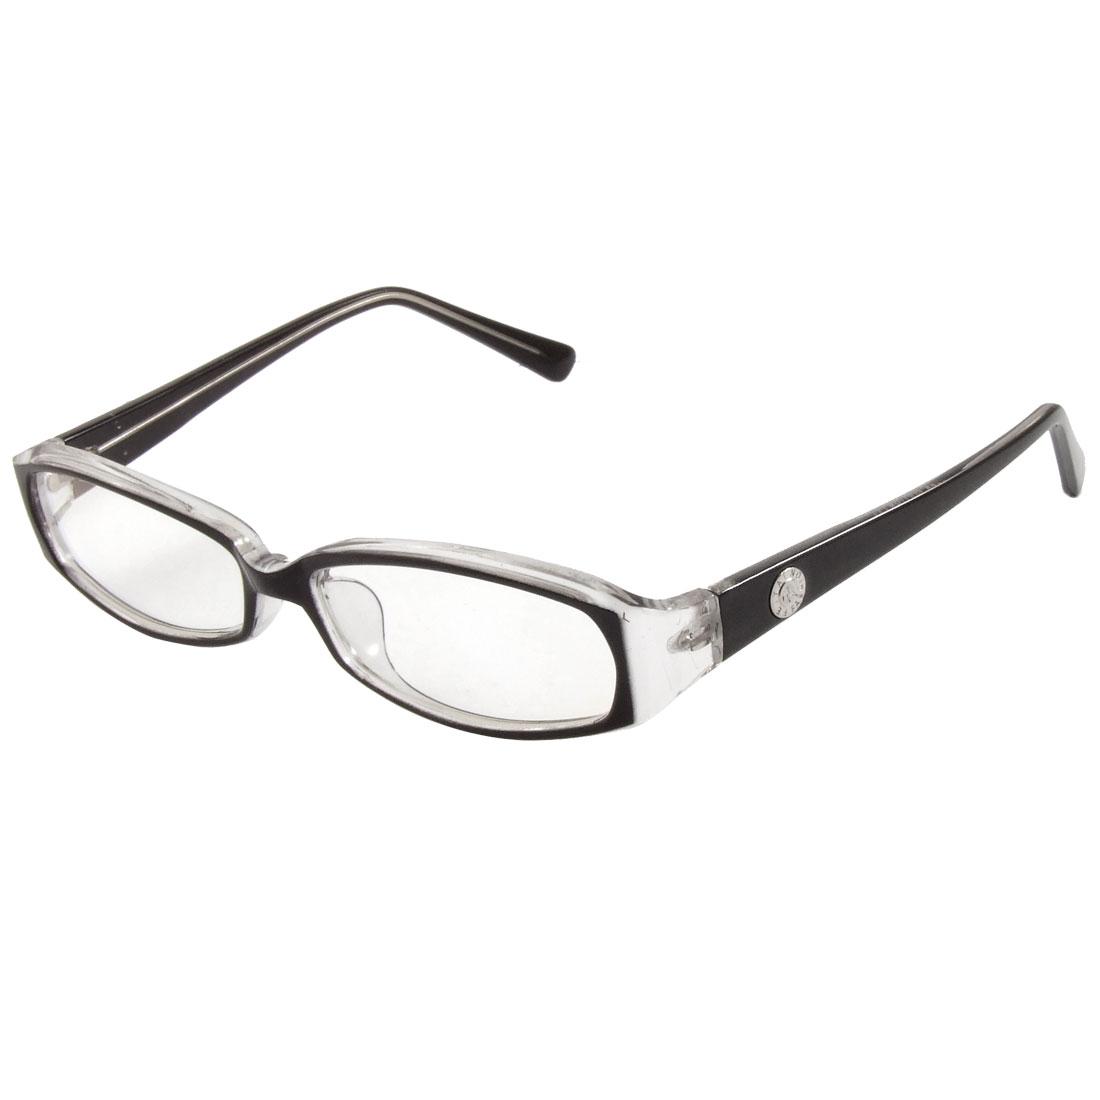 Unisex Black Plastic Arms Full Frame Multi Coated Lens Plain Plano Glasses Eyeglasses